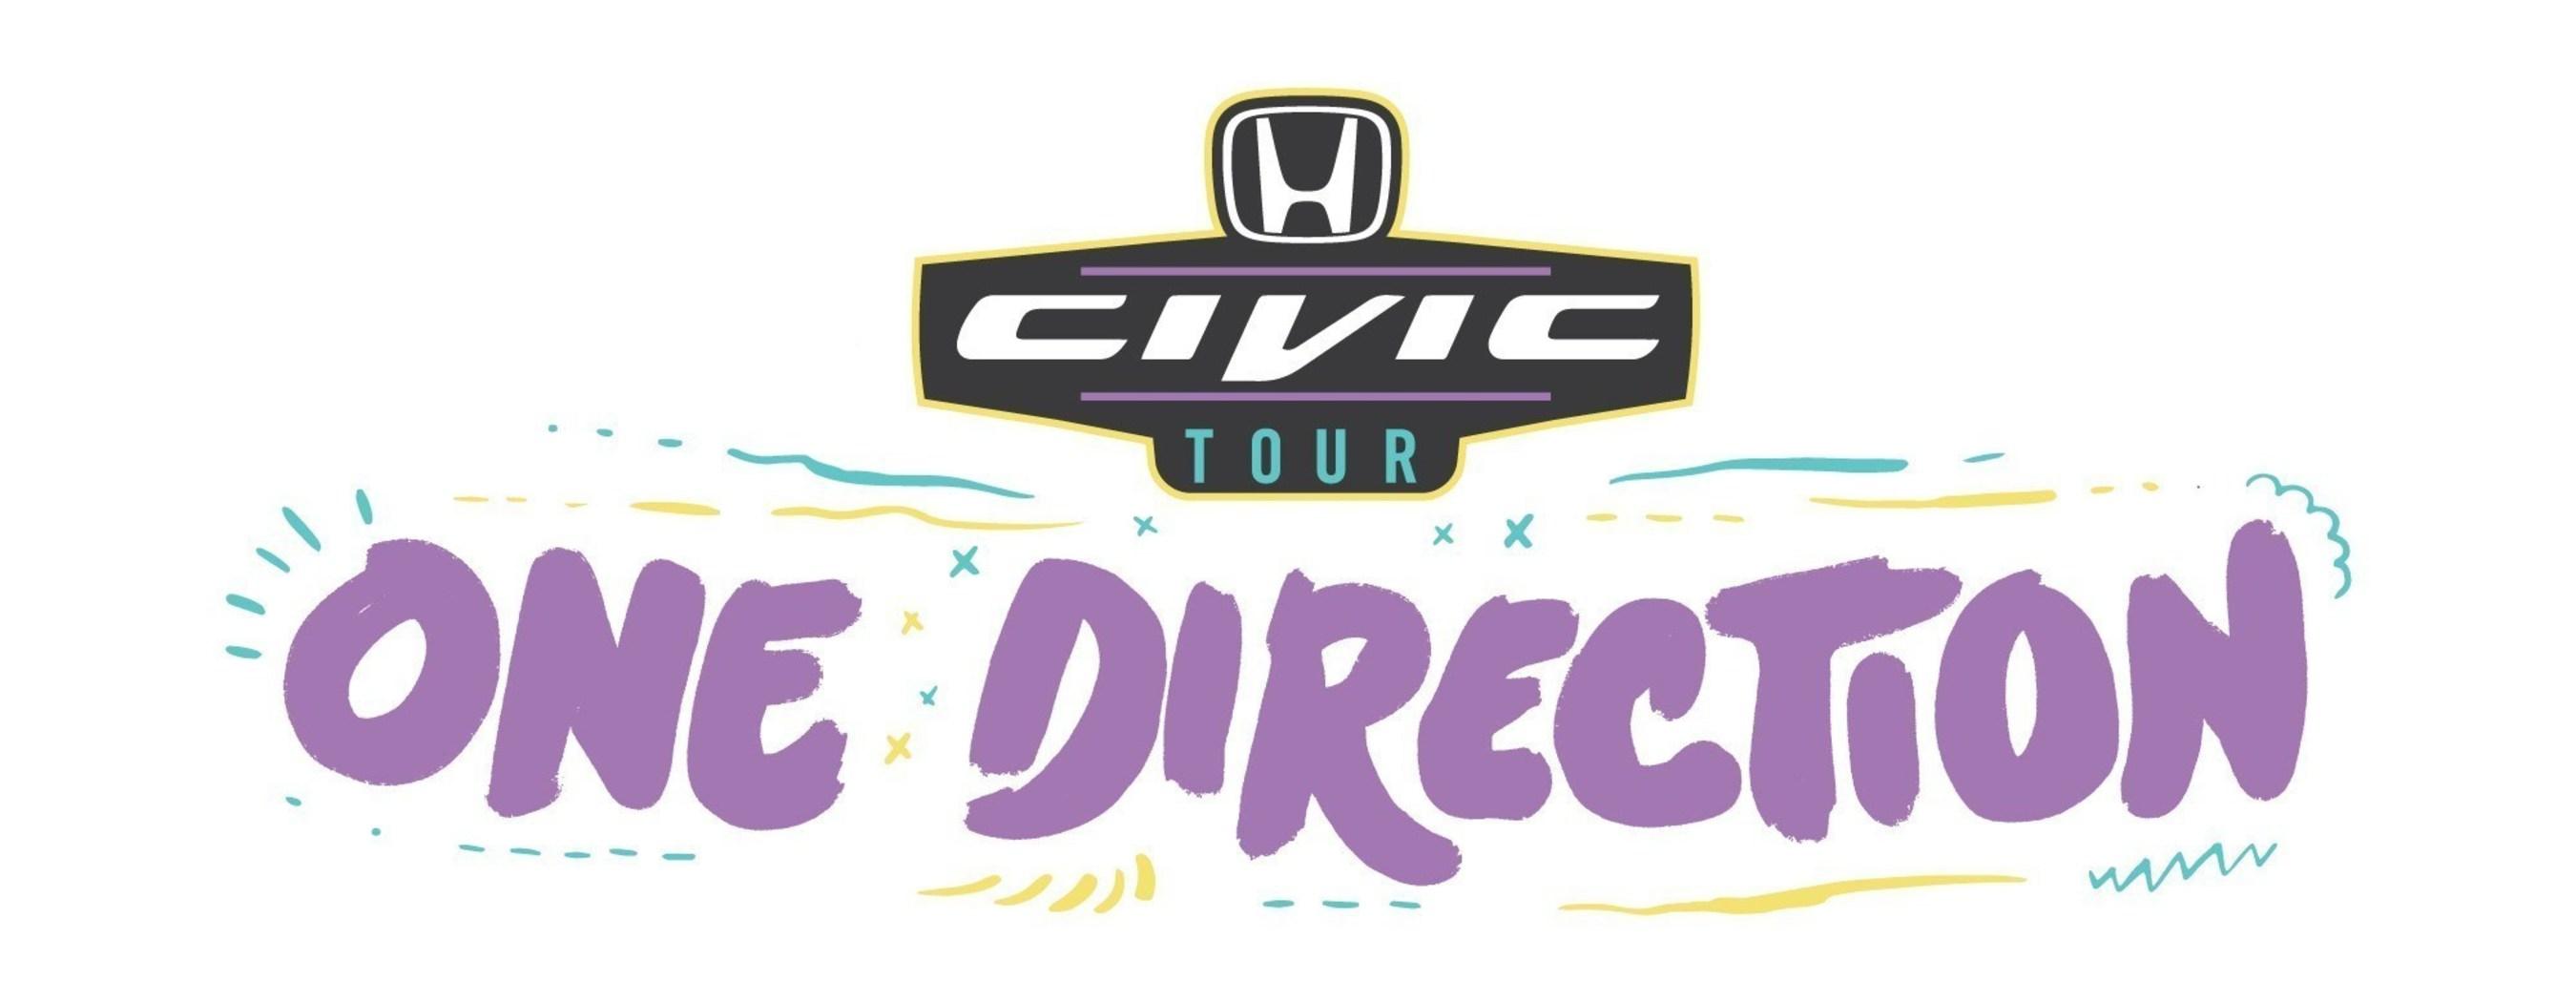 Honda Civic Tour logo